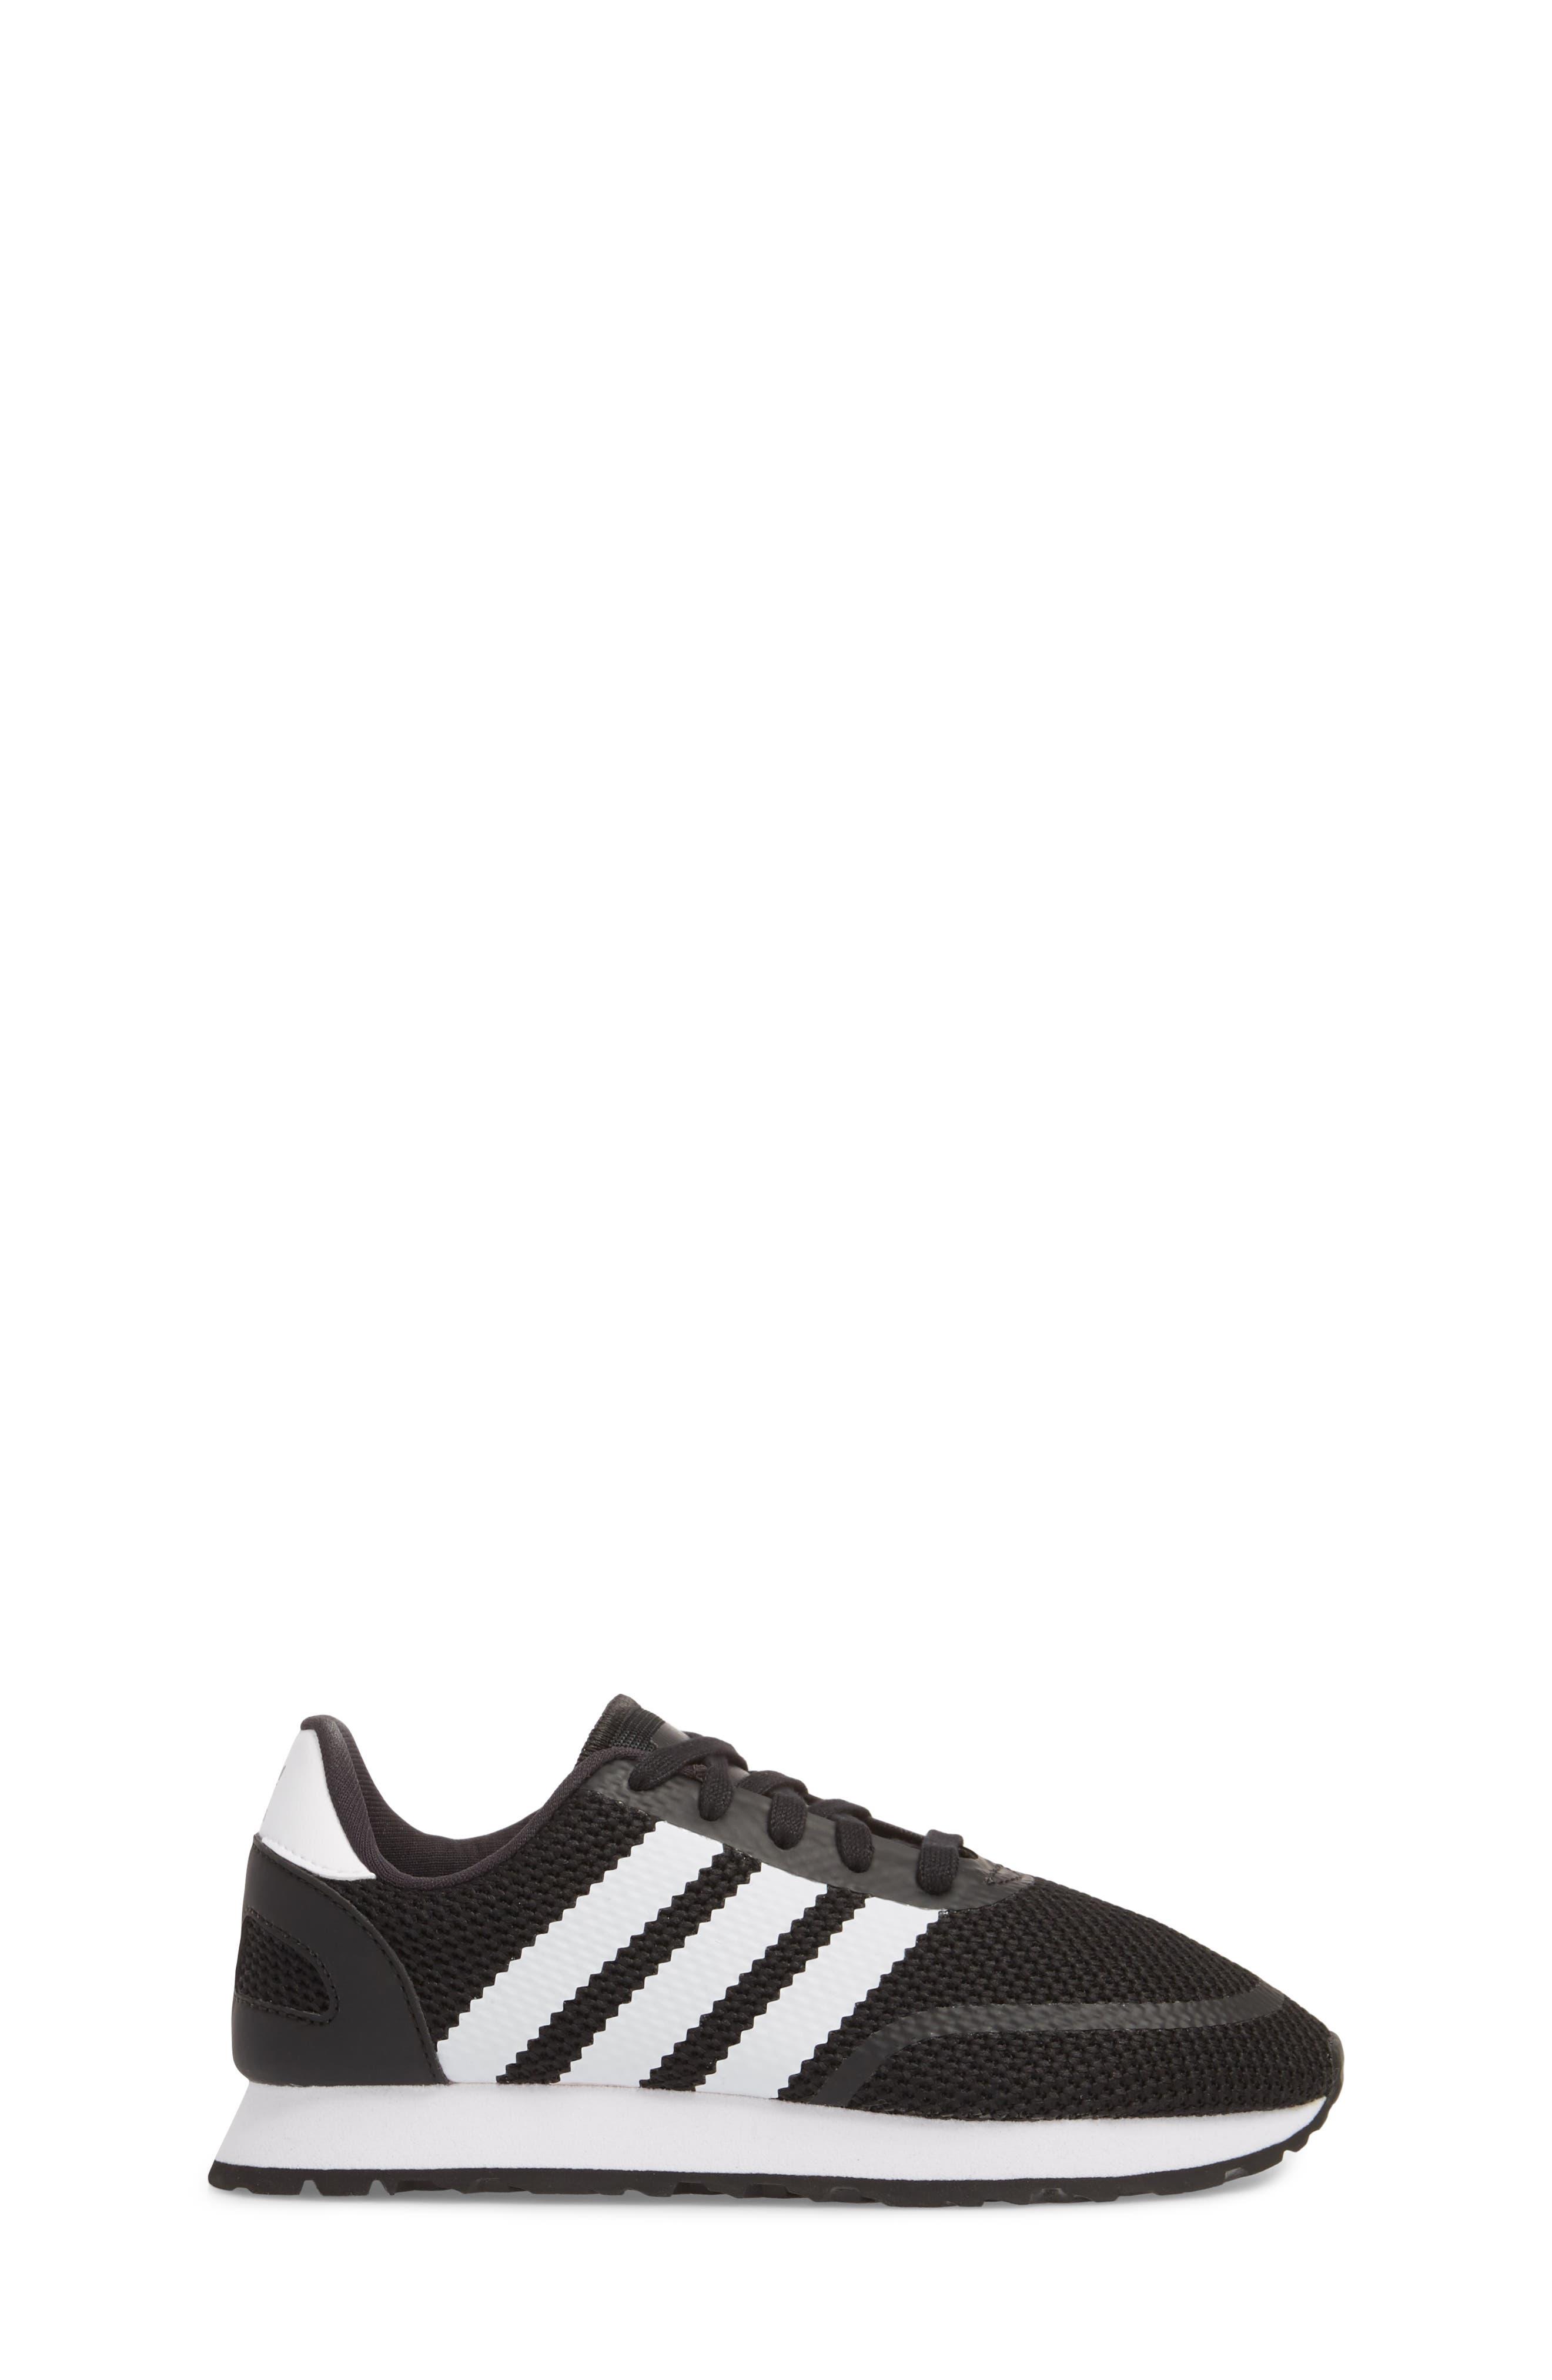 N-5923 Sneaker,                             Alternate thumbnail 5, color,                             Black/ White/ Black